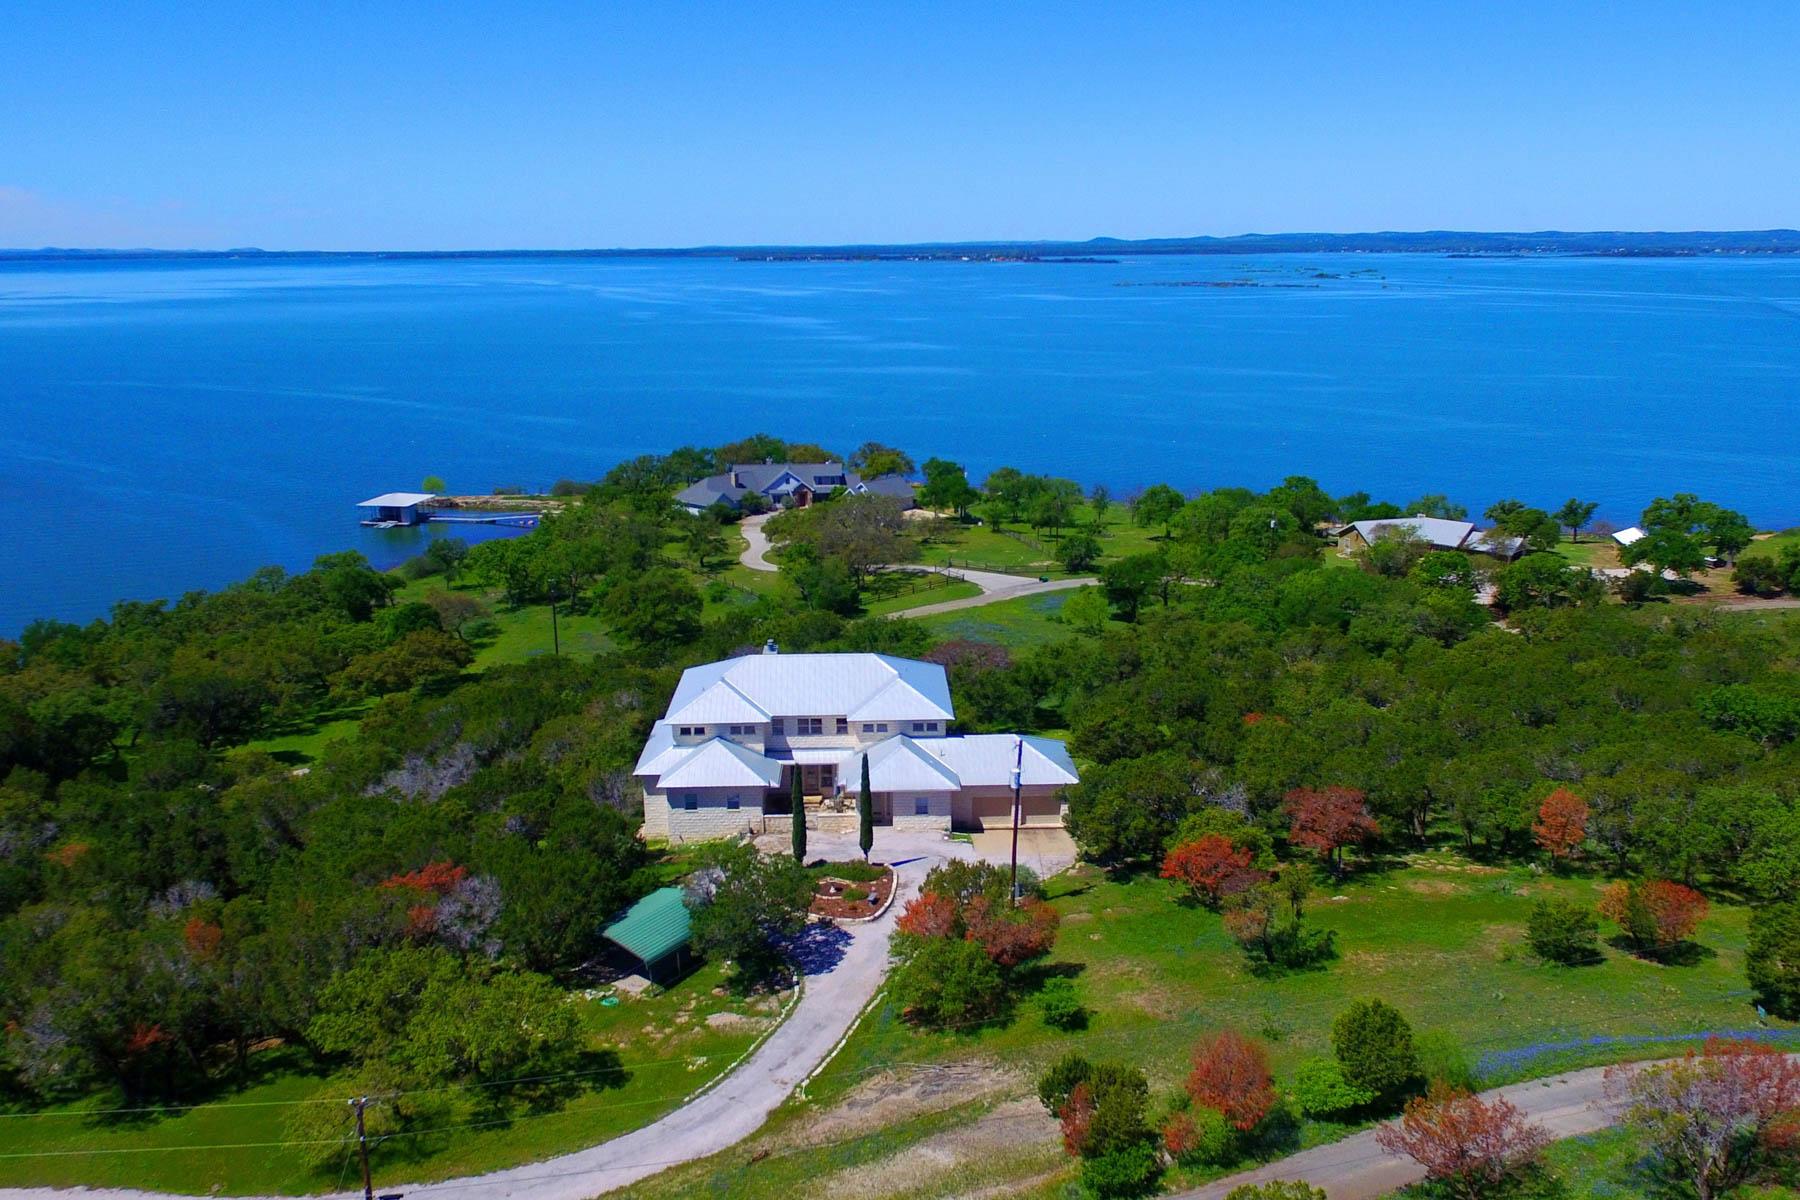 独户住宅 为 销售 在 3-Story Lake Buchanan Home with Great Views 4401 Sunset Cliff 伯内特, 得克萨斯州, 78611 美国